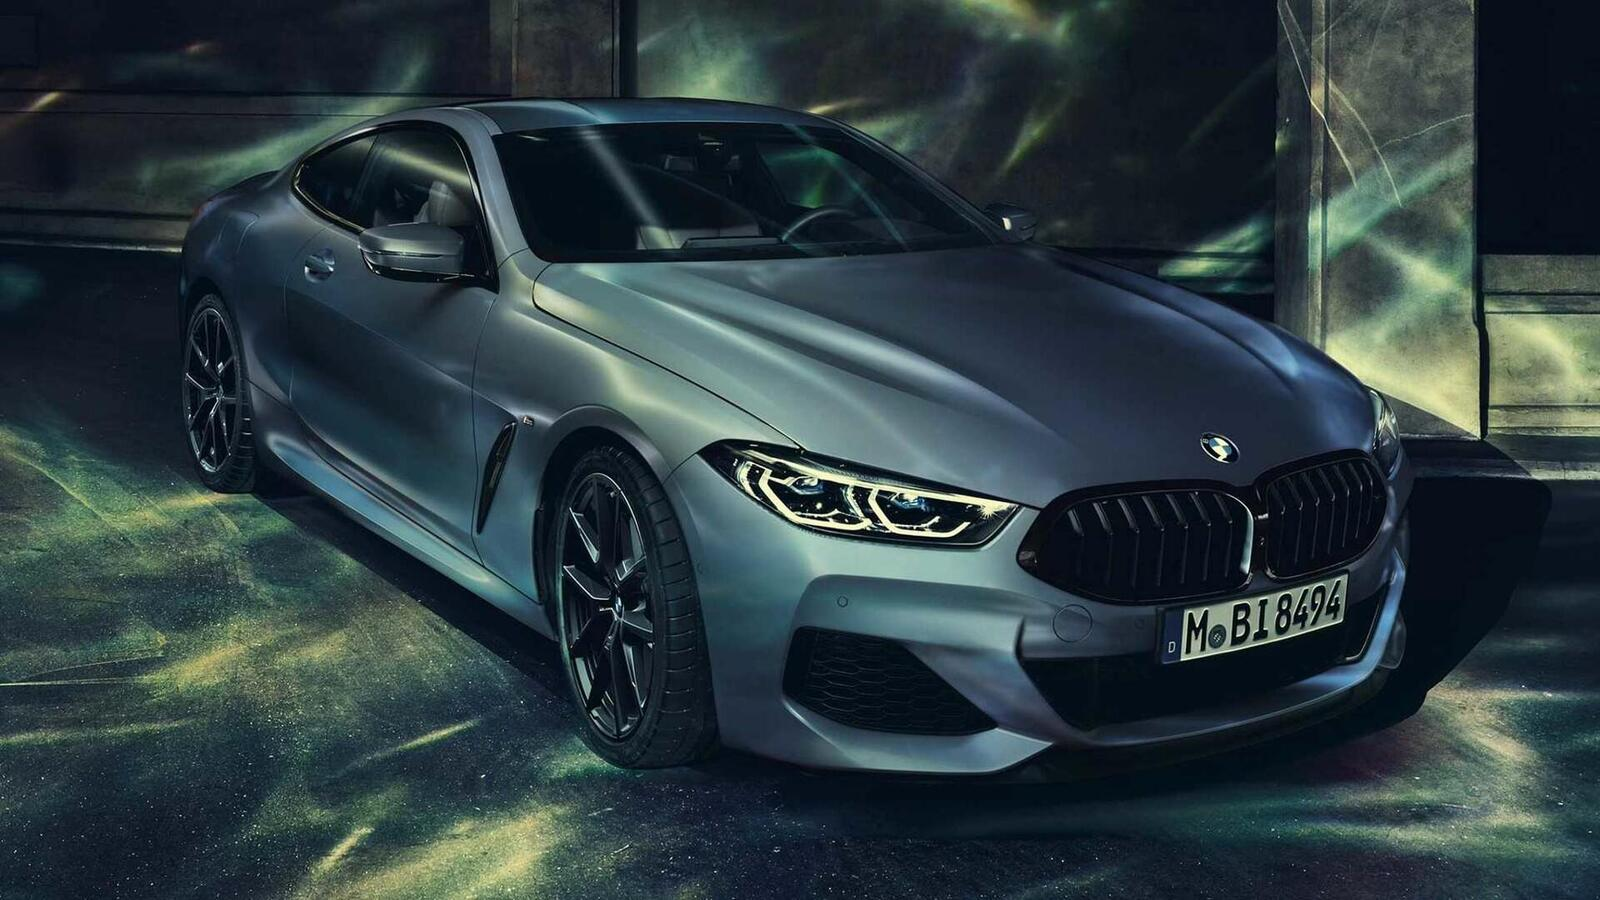 """BMW giới thiệu M850i xDrive Coupe """"First Edition"""" giới hạn sản xuất 400 chiếc trên toàn thế giới - Hình 1"""